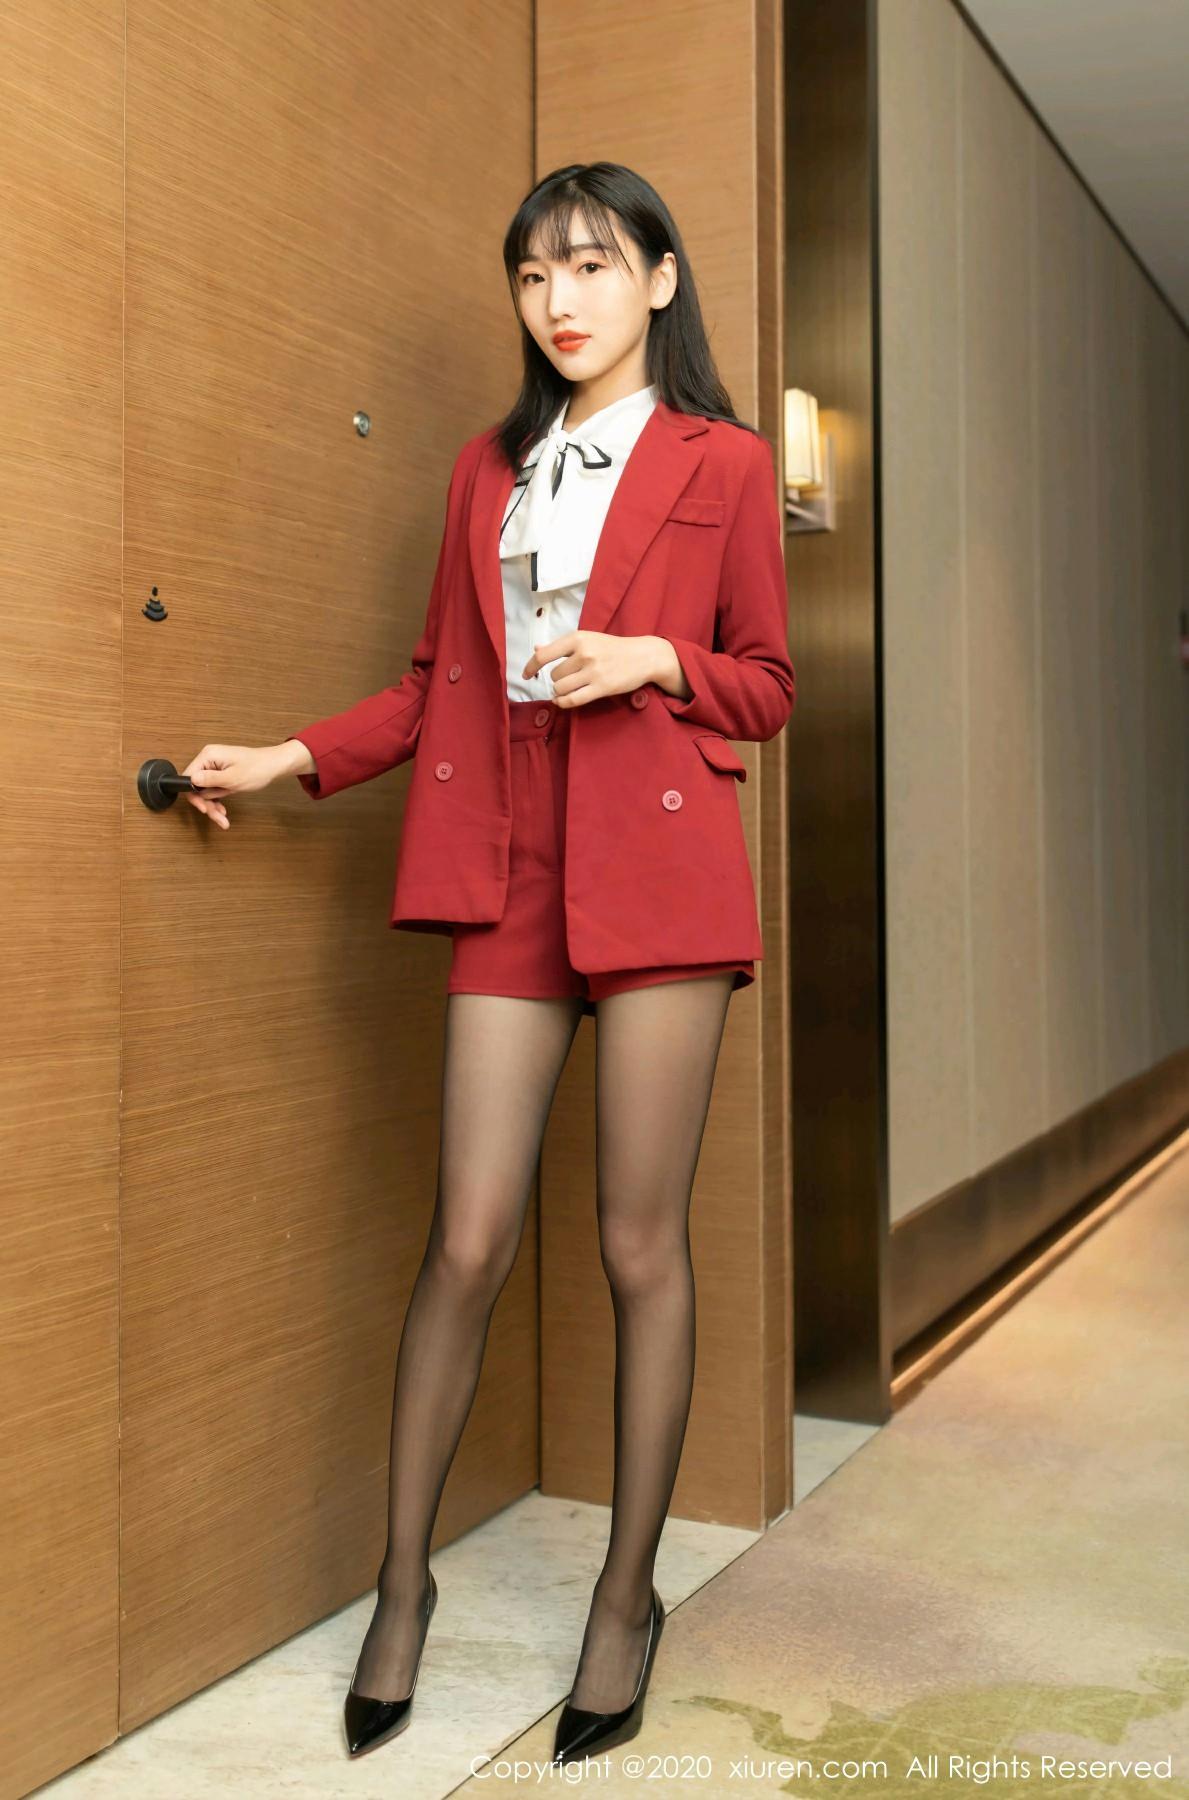 [XiuRen秀人网] 2020.09.25 No.2604 陆萱萱 第3张